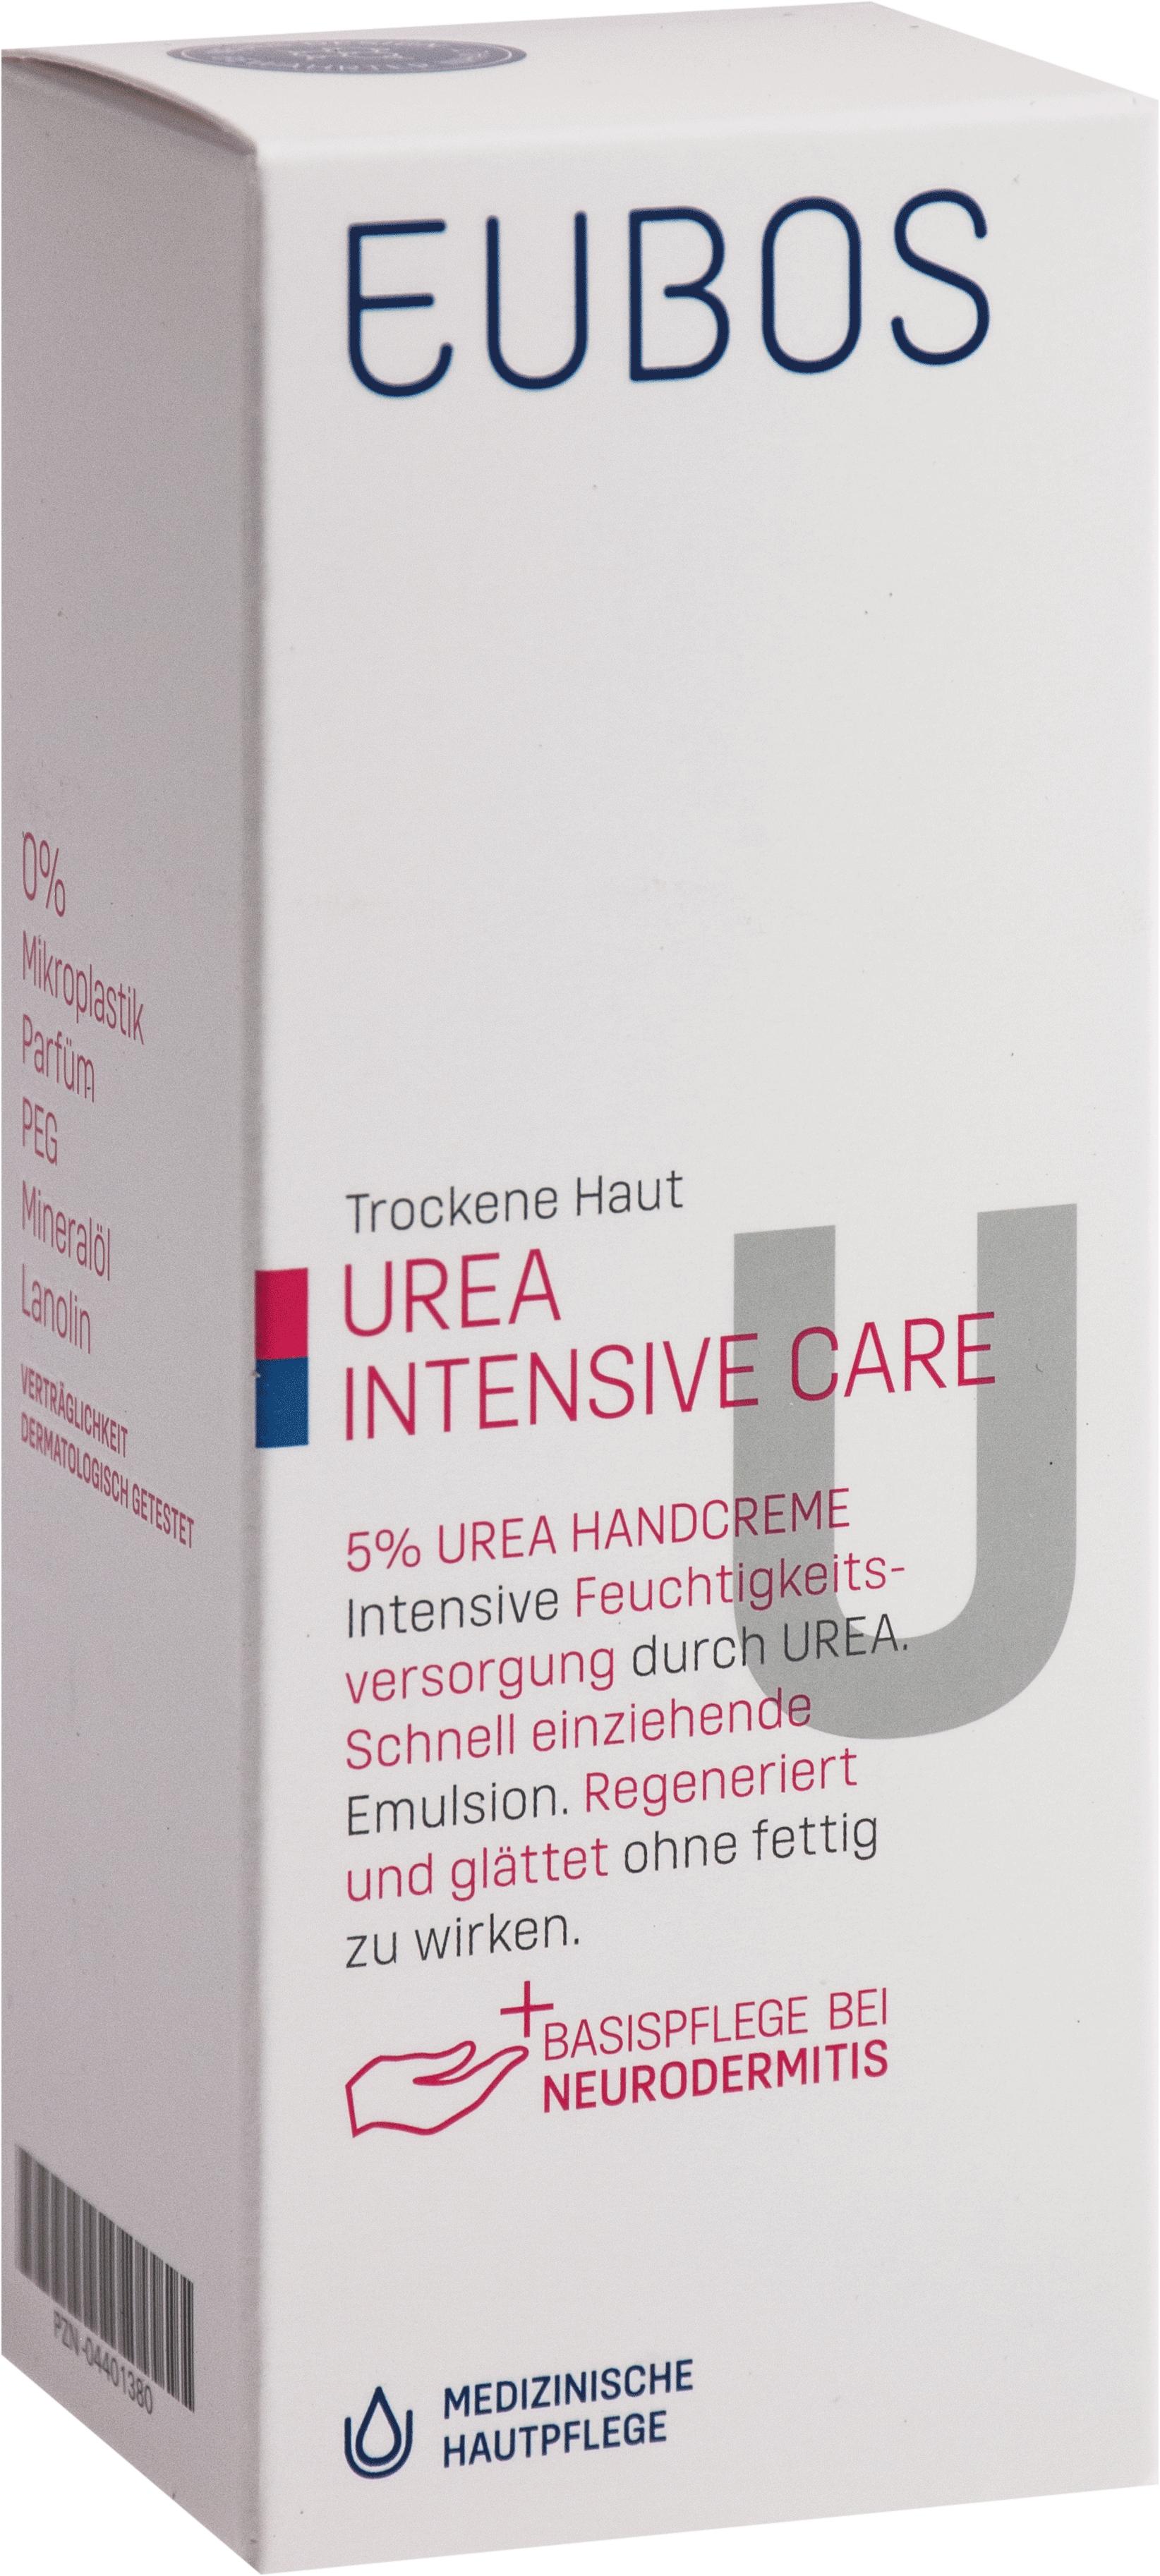 EUBOS Trockene Haut Urea 5% Handcreme